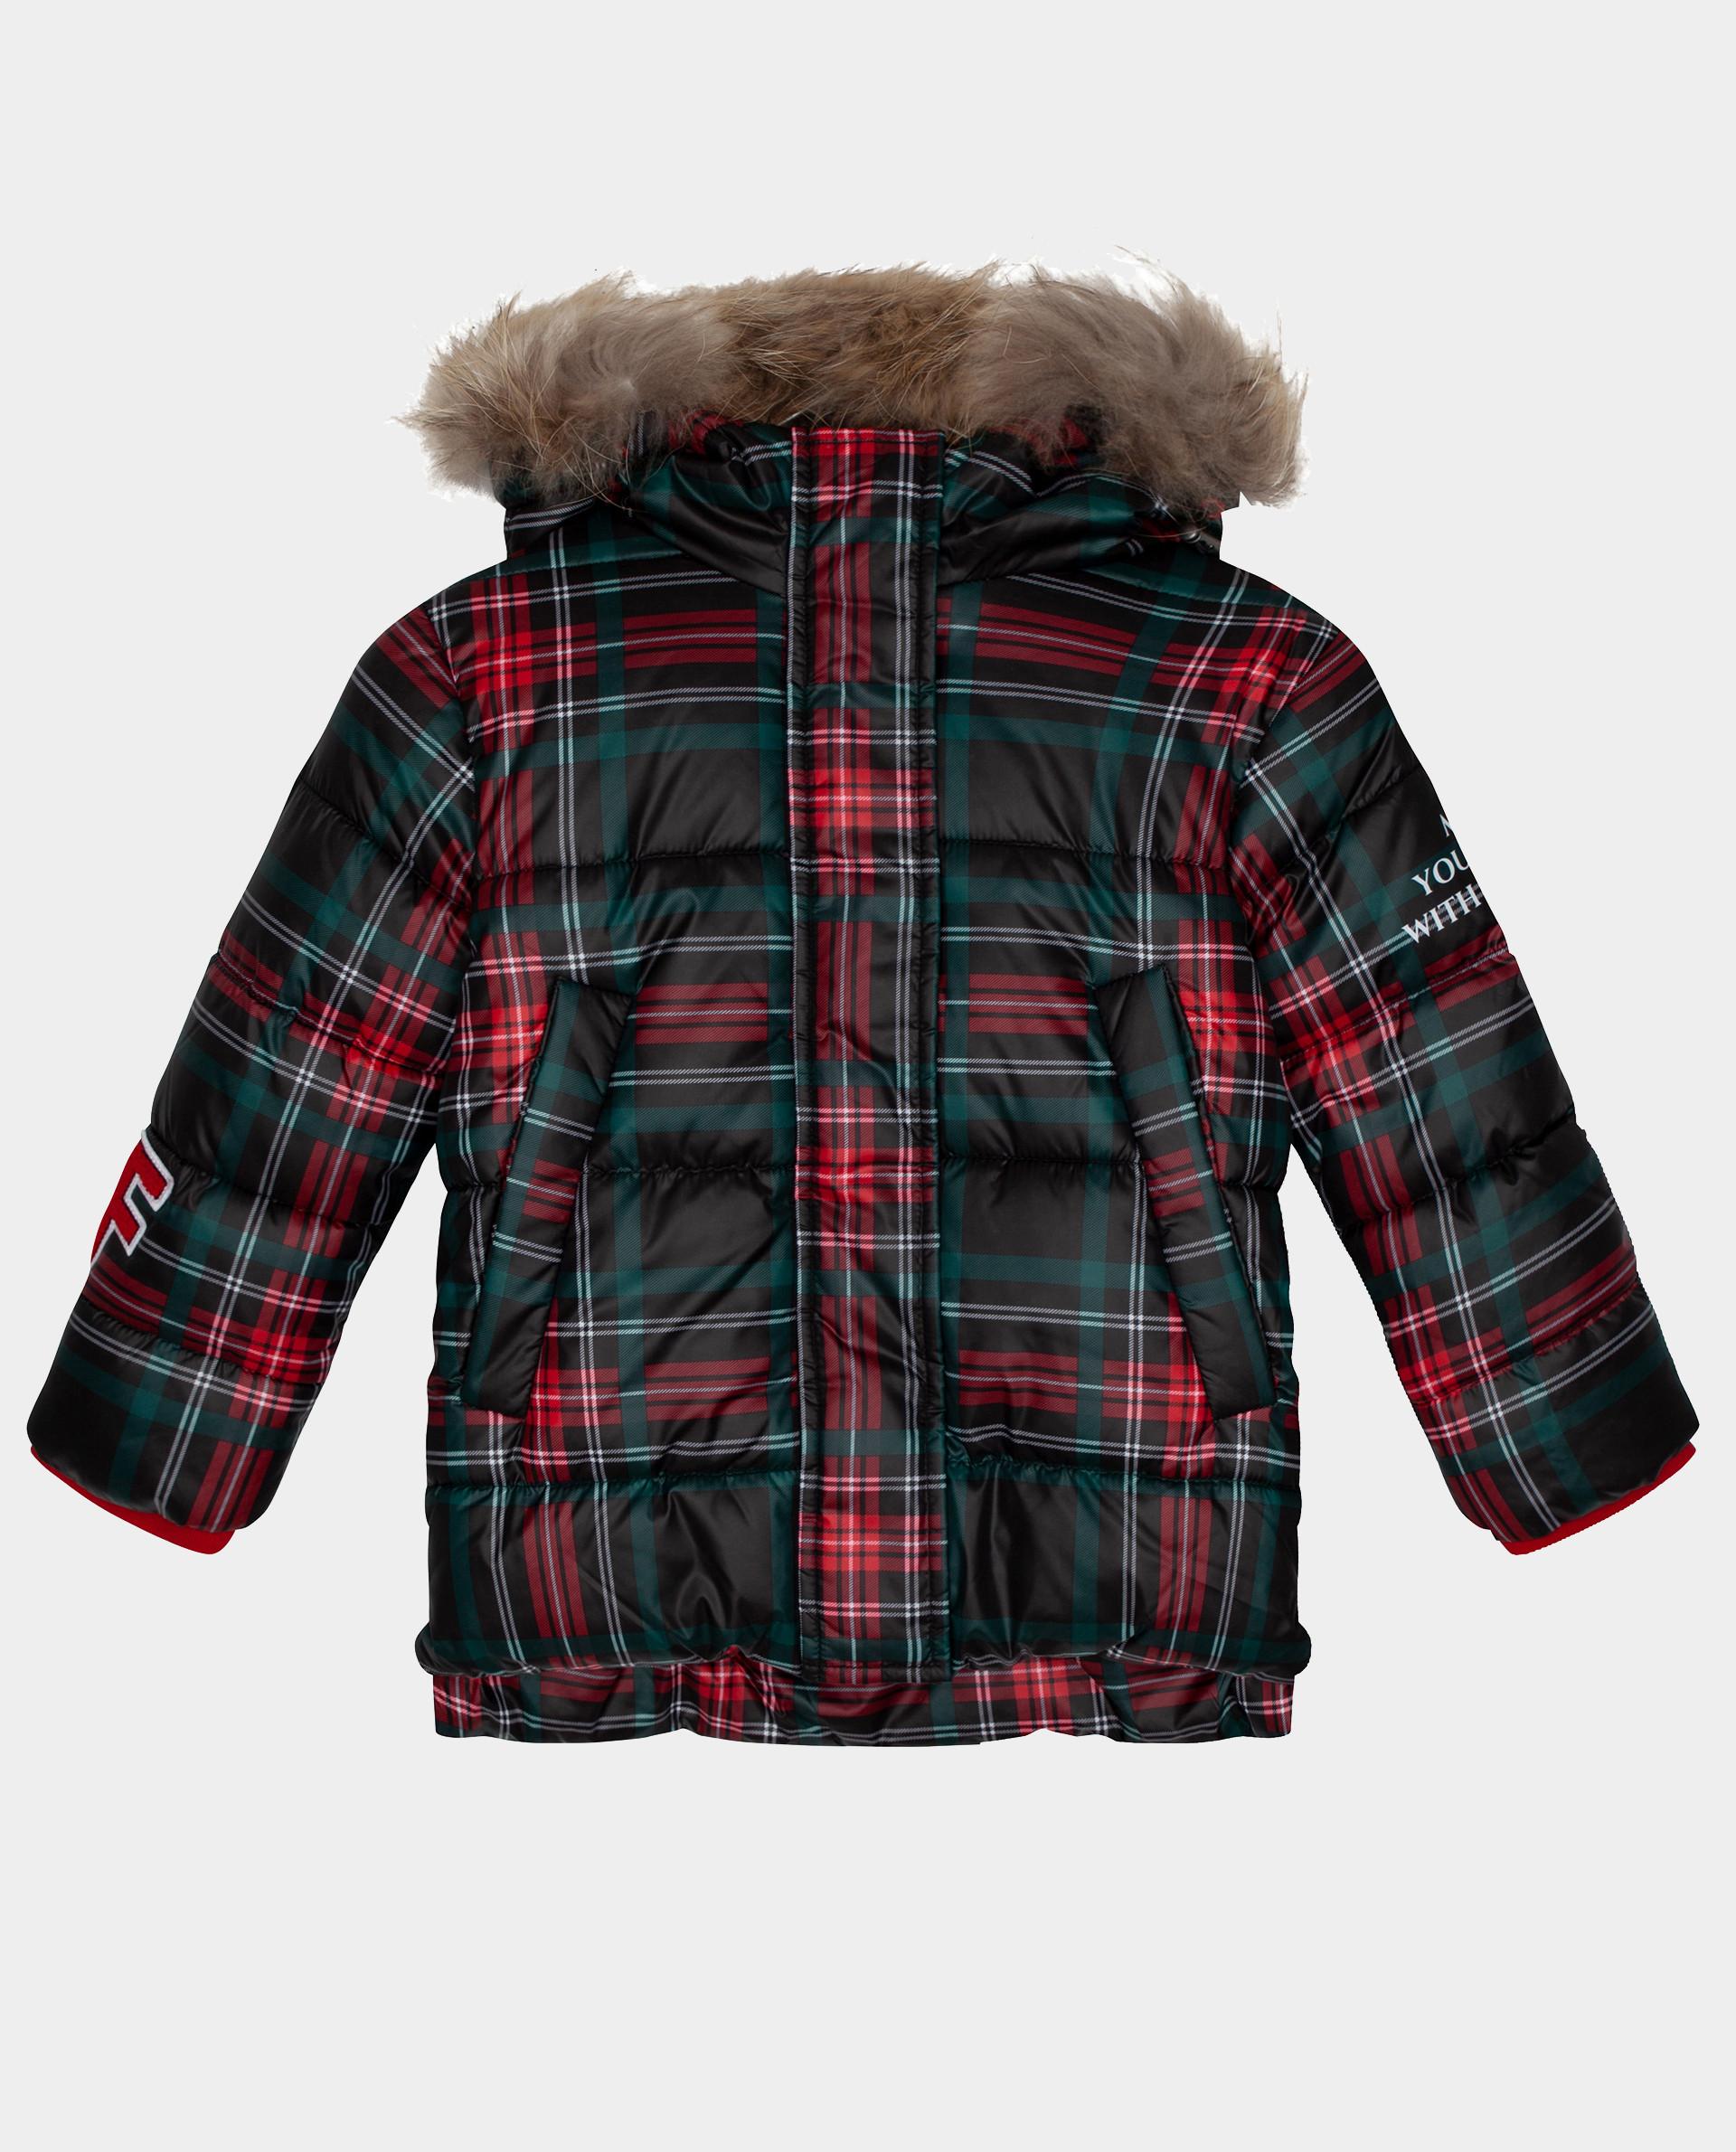 Купить Зеленая куртка зимняя Gulliver 22002GMC4103, размер 104,